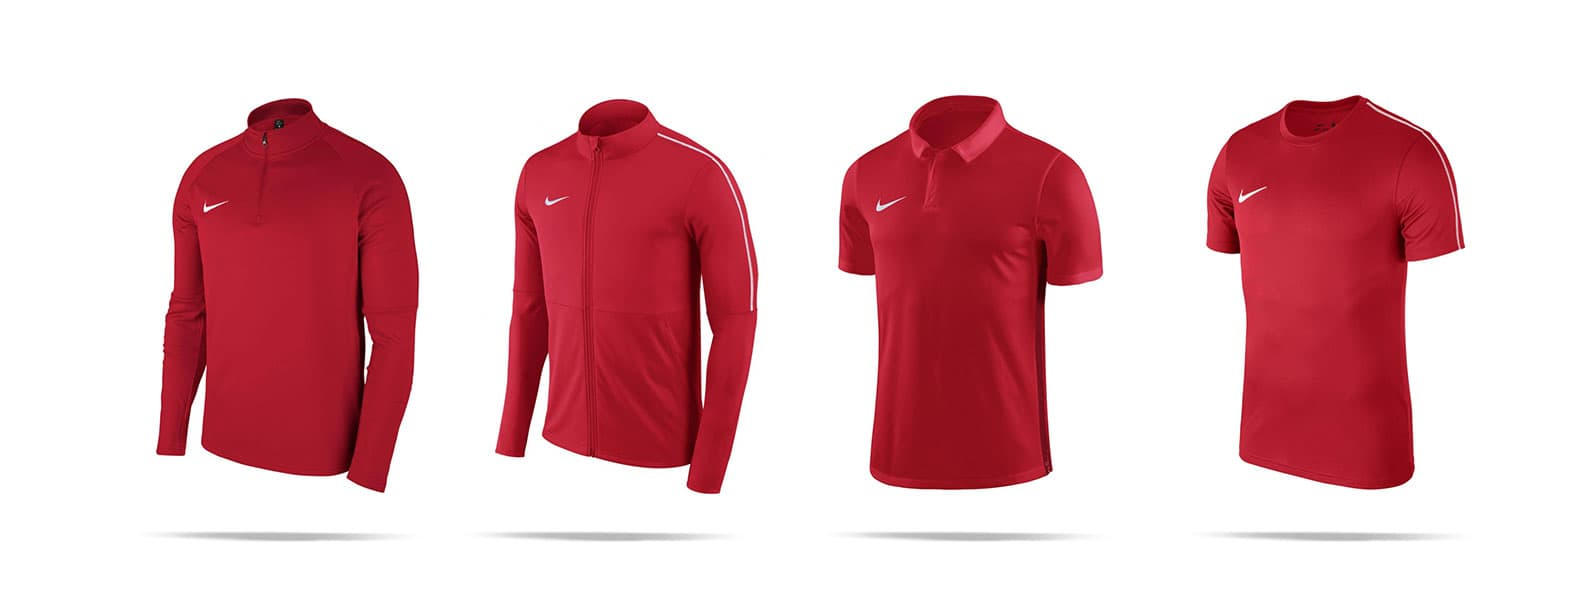 Pullover, Jacke, Polohemd und T-Shirt von Nike in rot